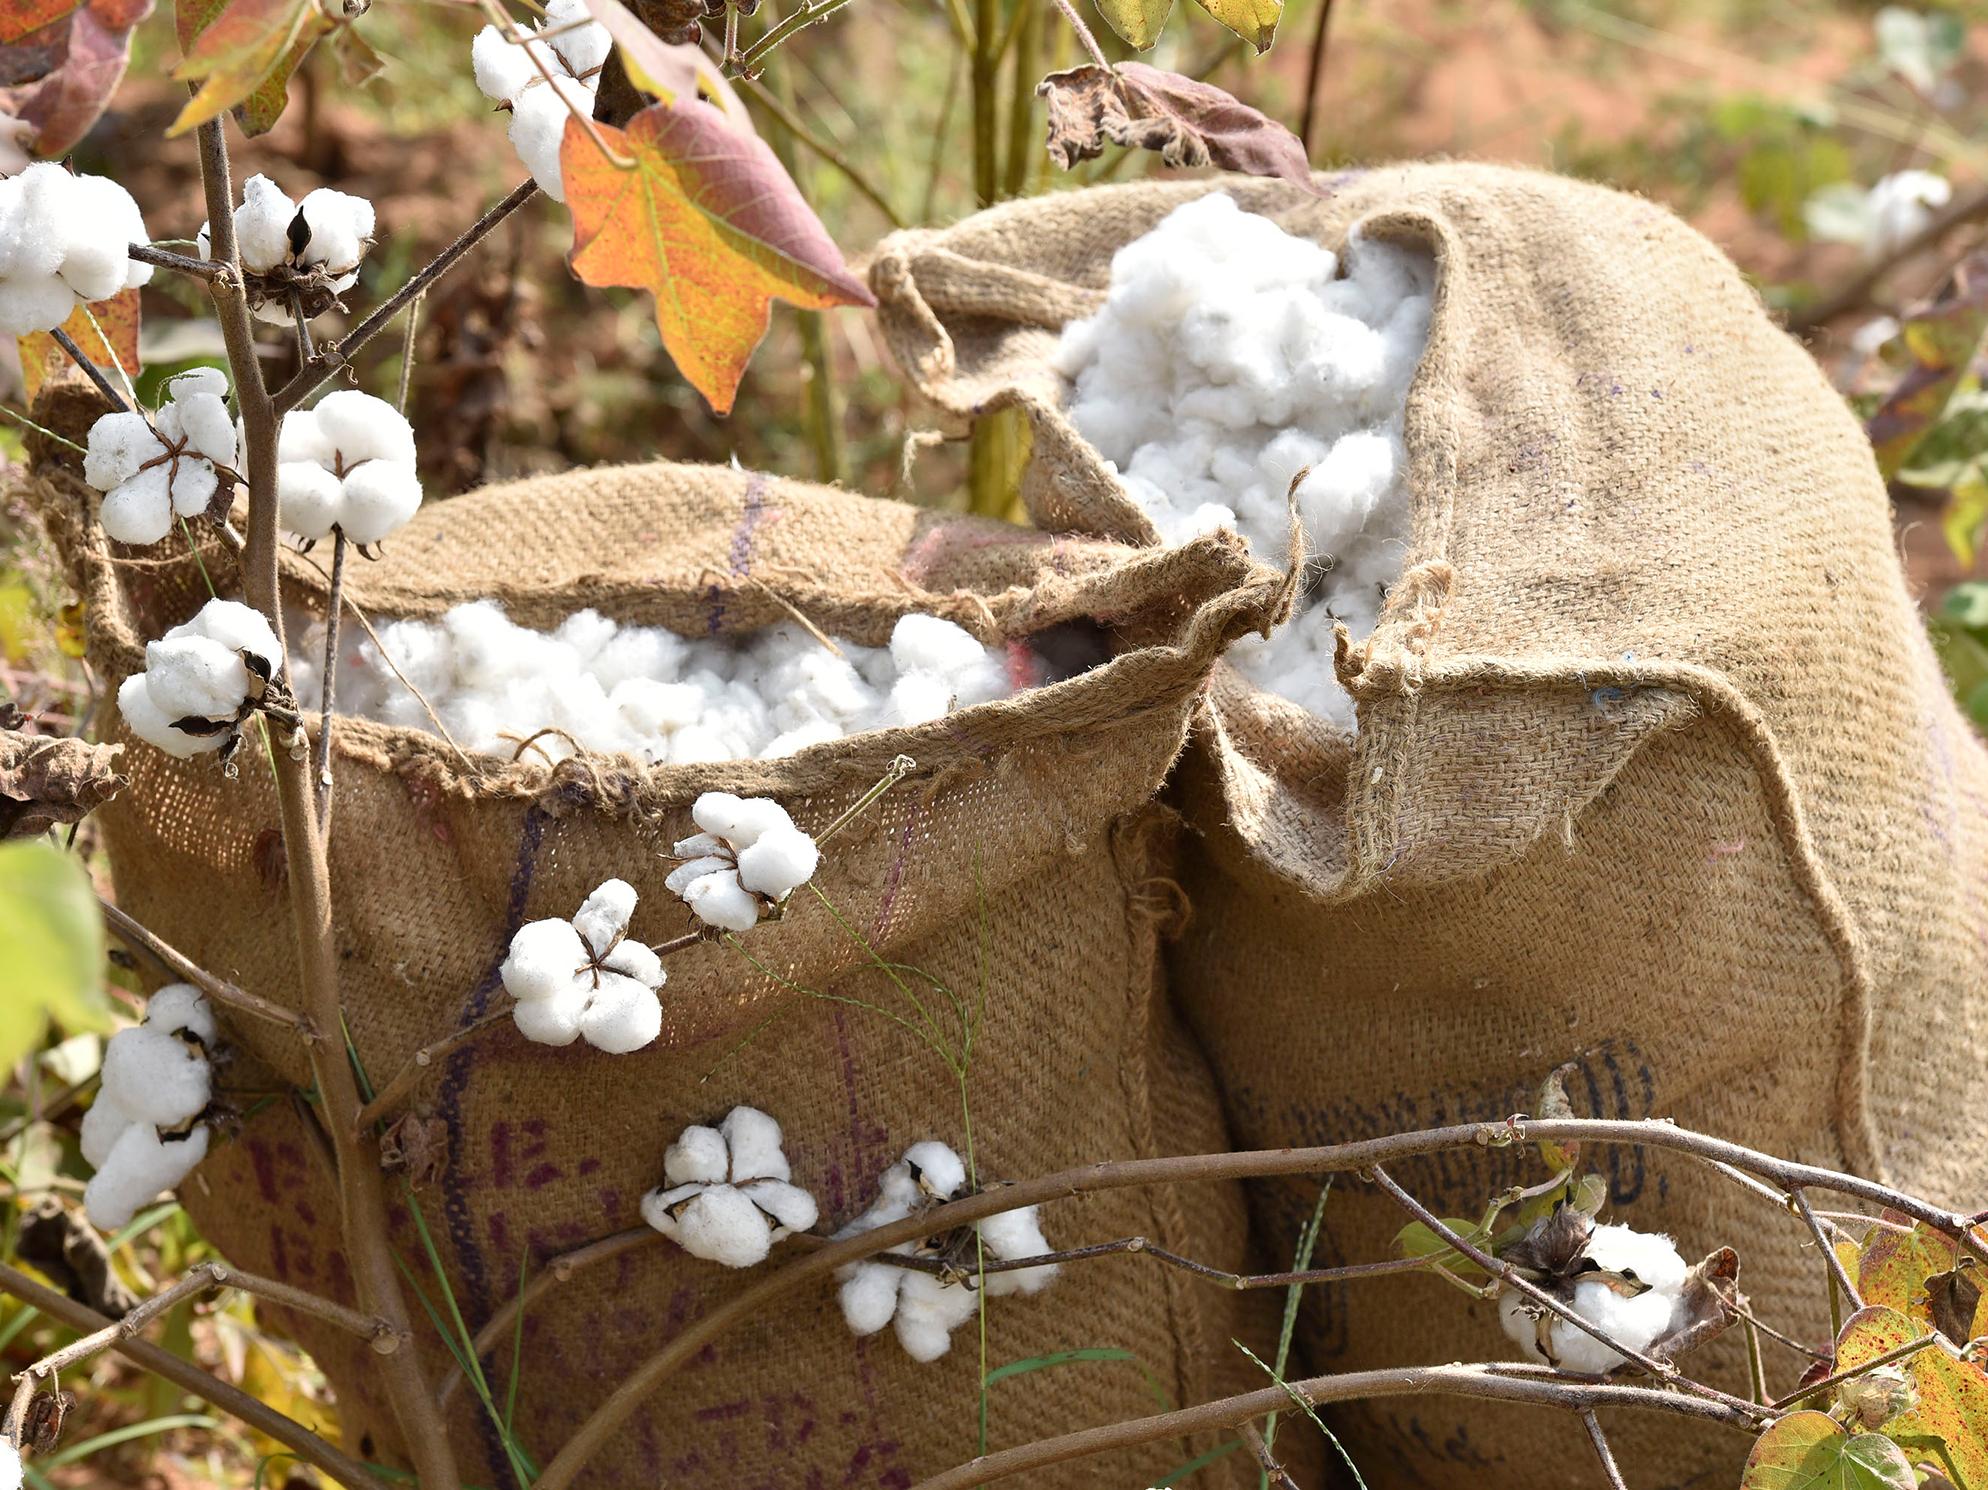 Zwei Säcke mit geernteter Baumwolle stehen auf einem Baumwollfeld.